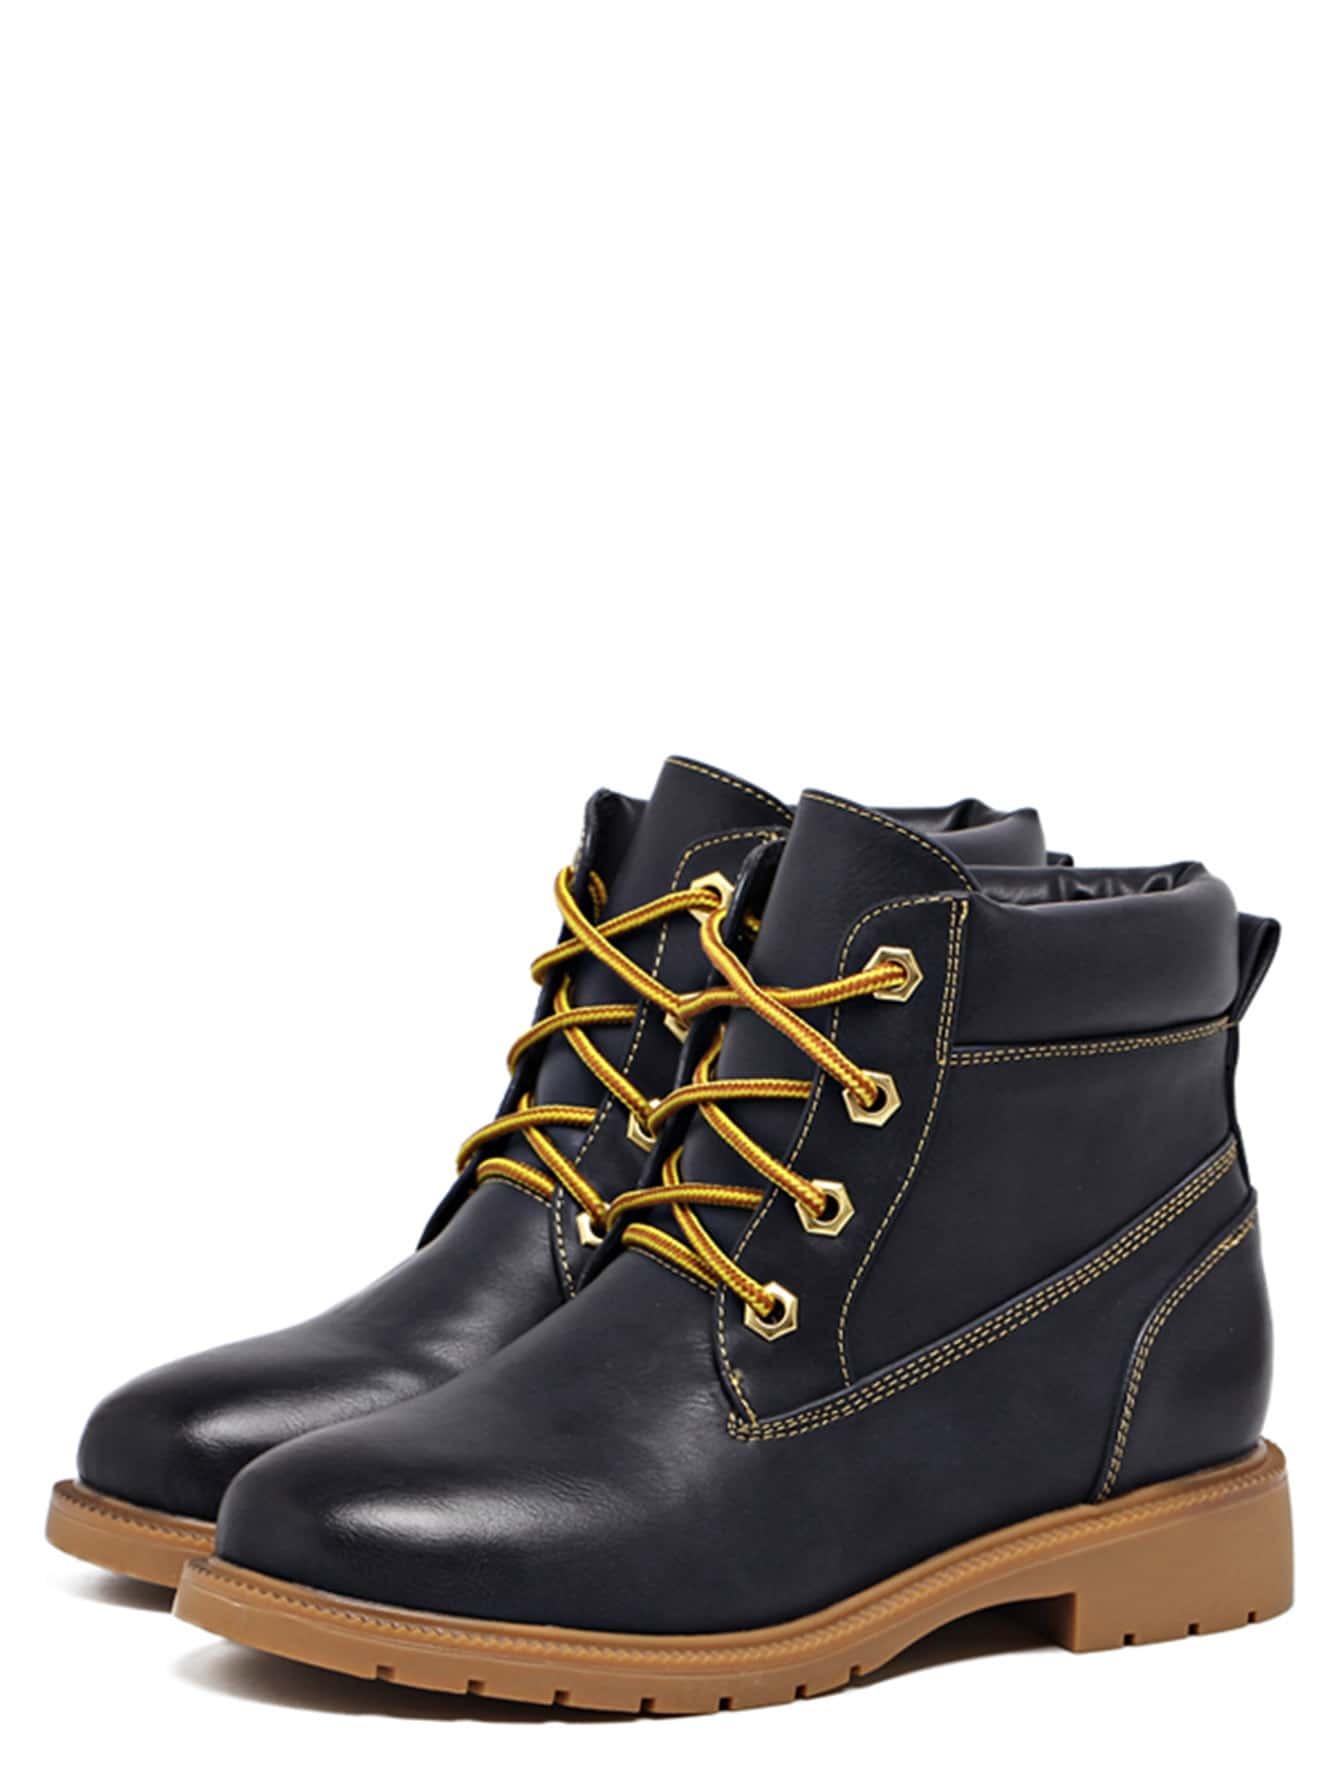 shoes161017813_2